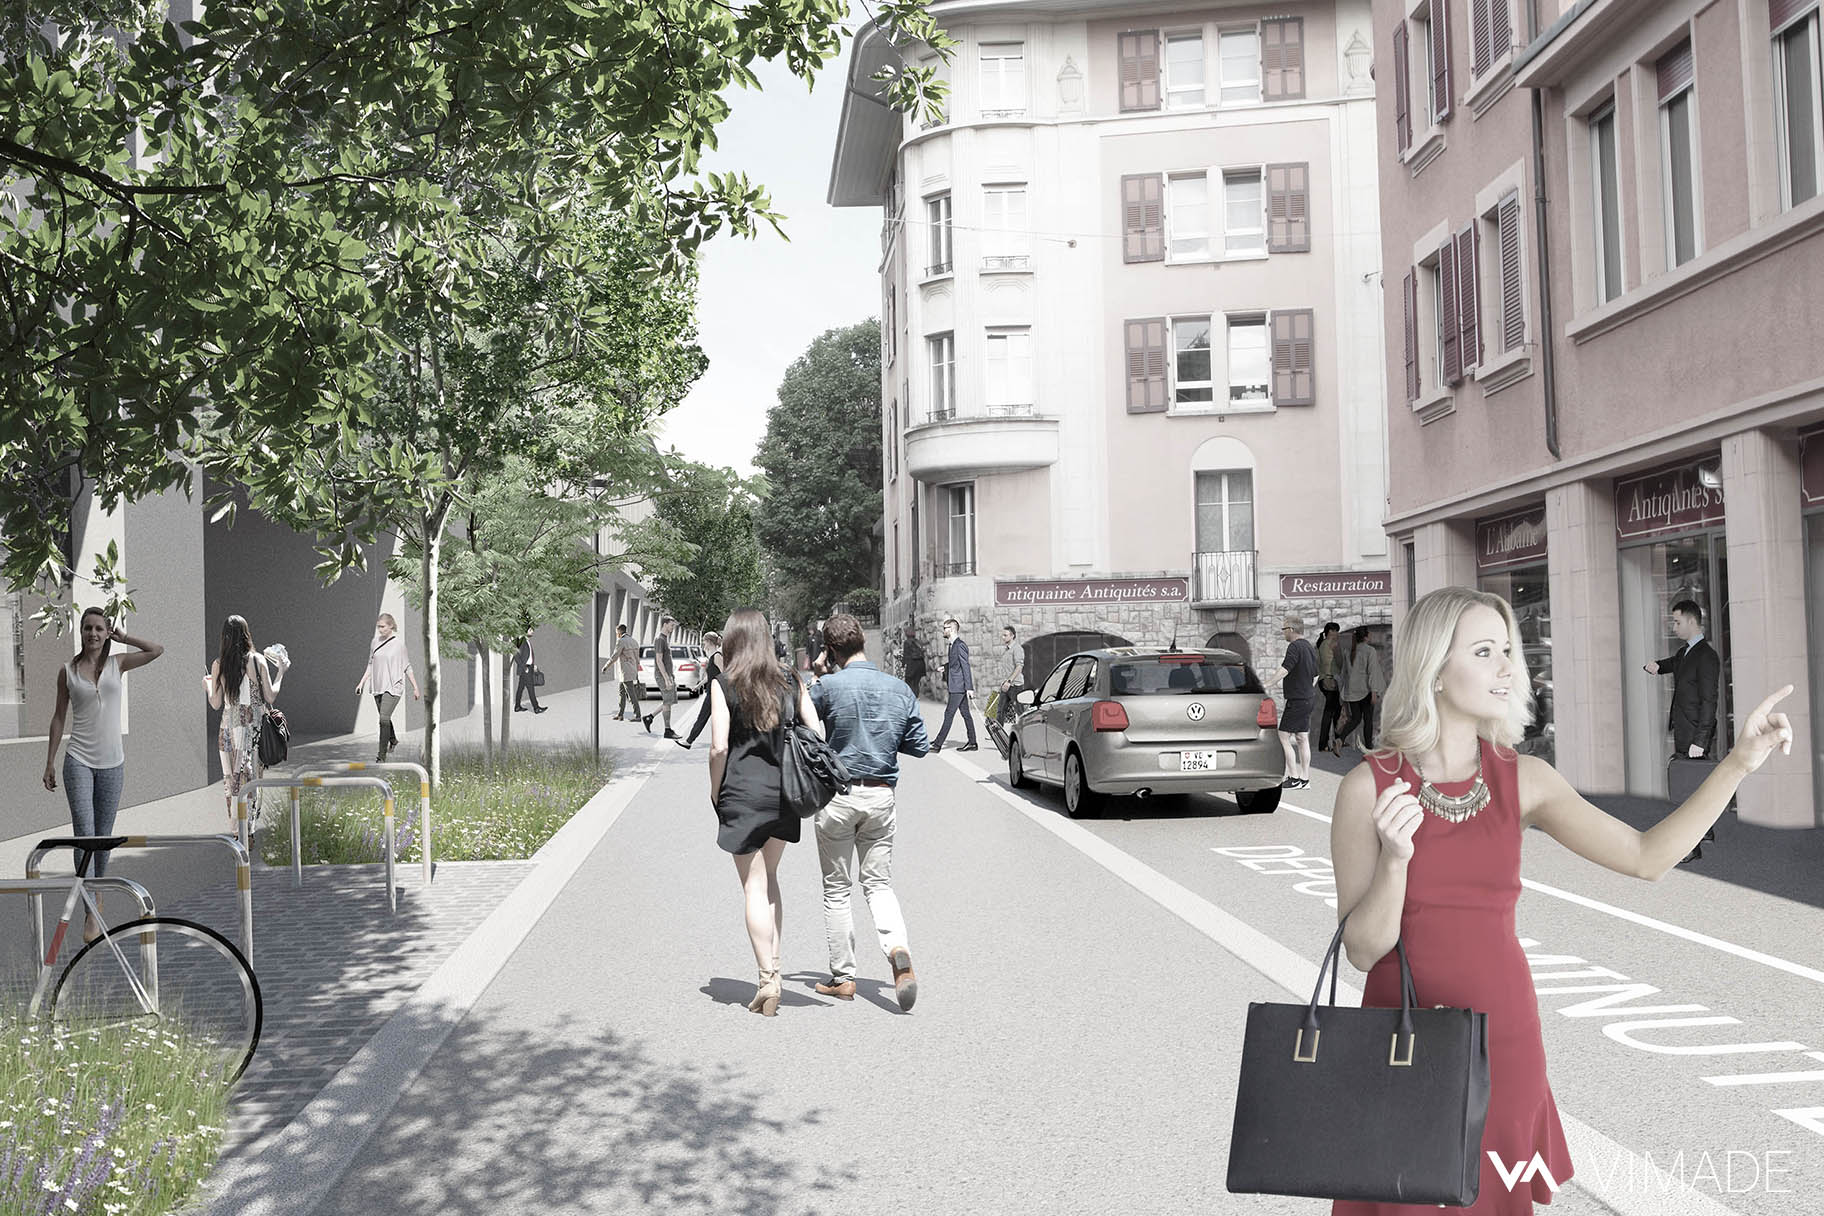 rue-simplon-perspective-concours-sous-gare-lausanne-espace-public-vimade-architectes-paysagistes